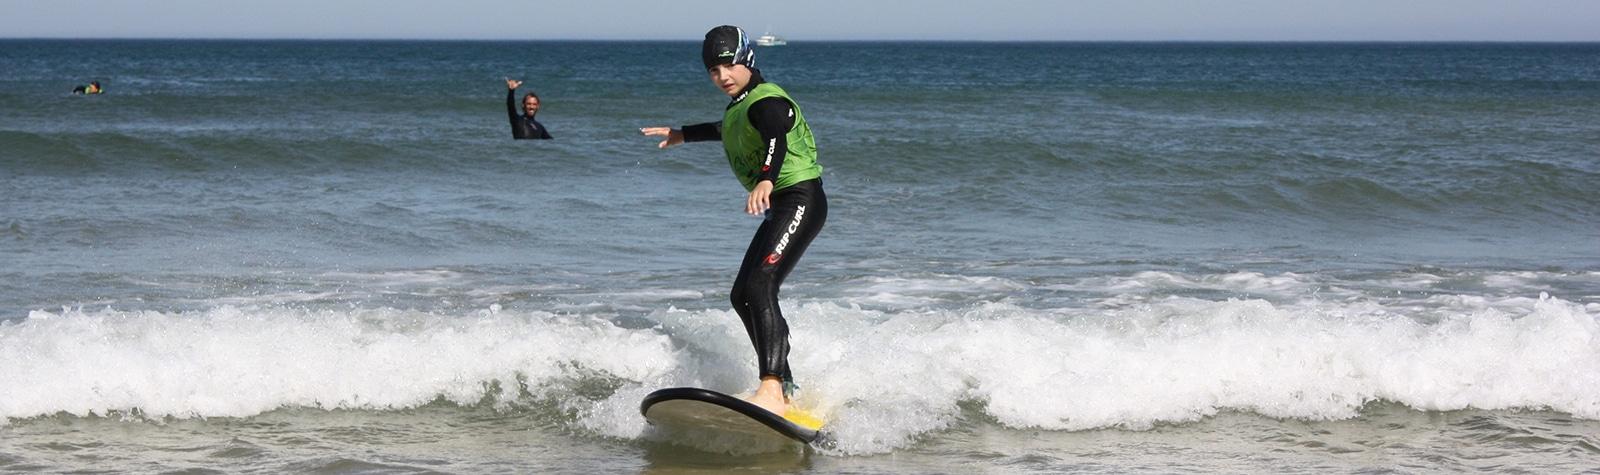 cours-enfant-surfschool